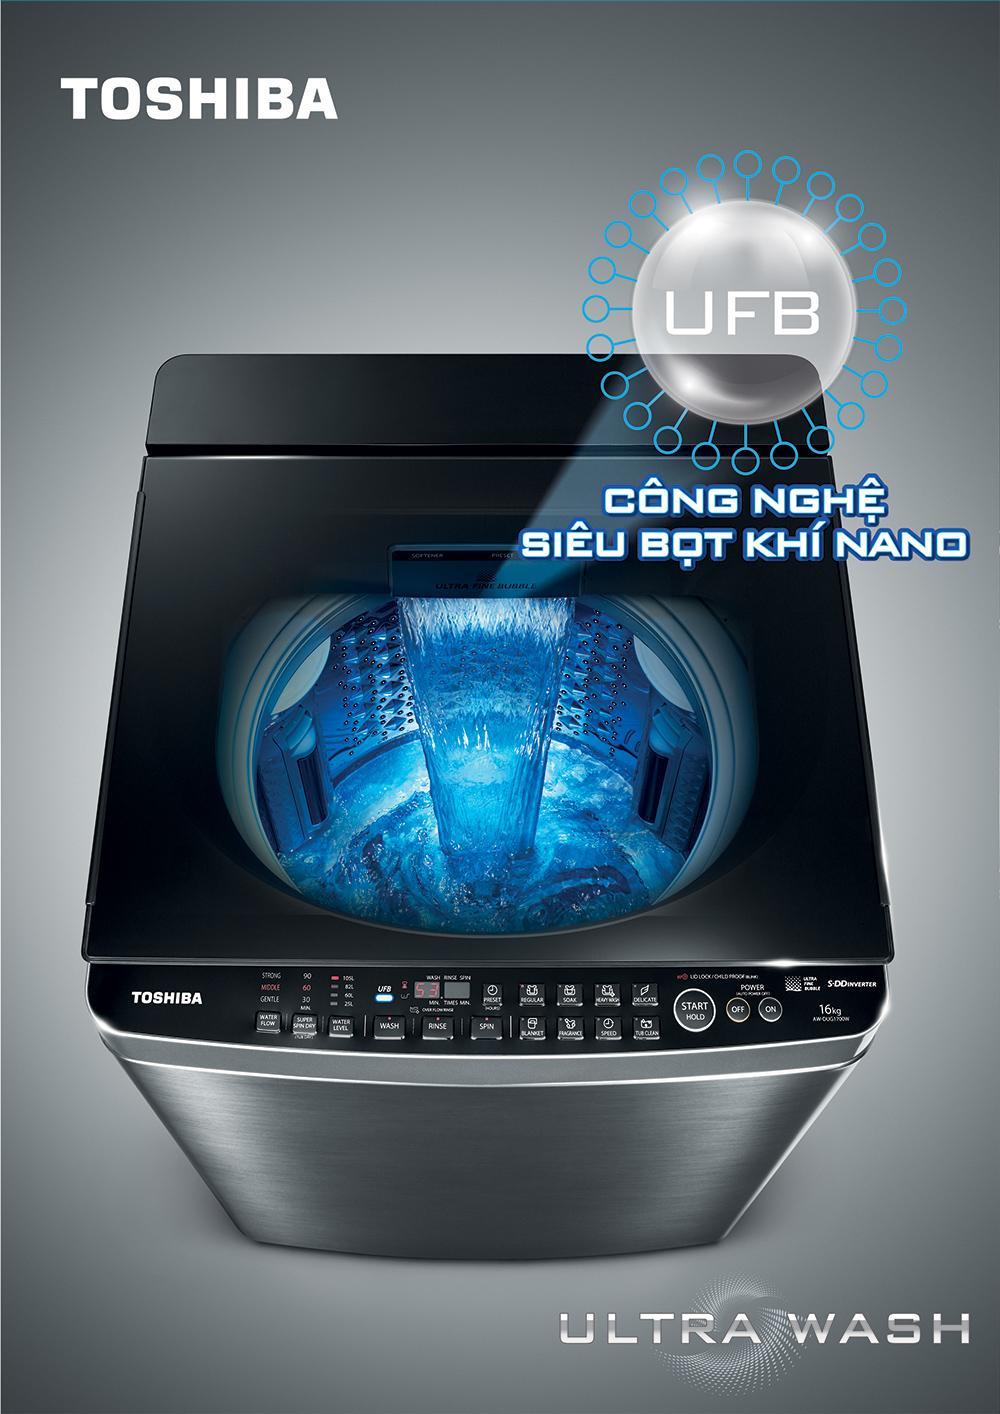 Công nghệ UFB siêu bọt khí Nano - Máy giặt Toshiba Inverter 14 kg AW-DUG1500WV KK